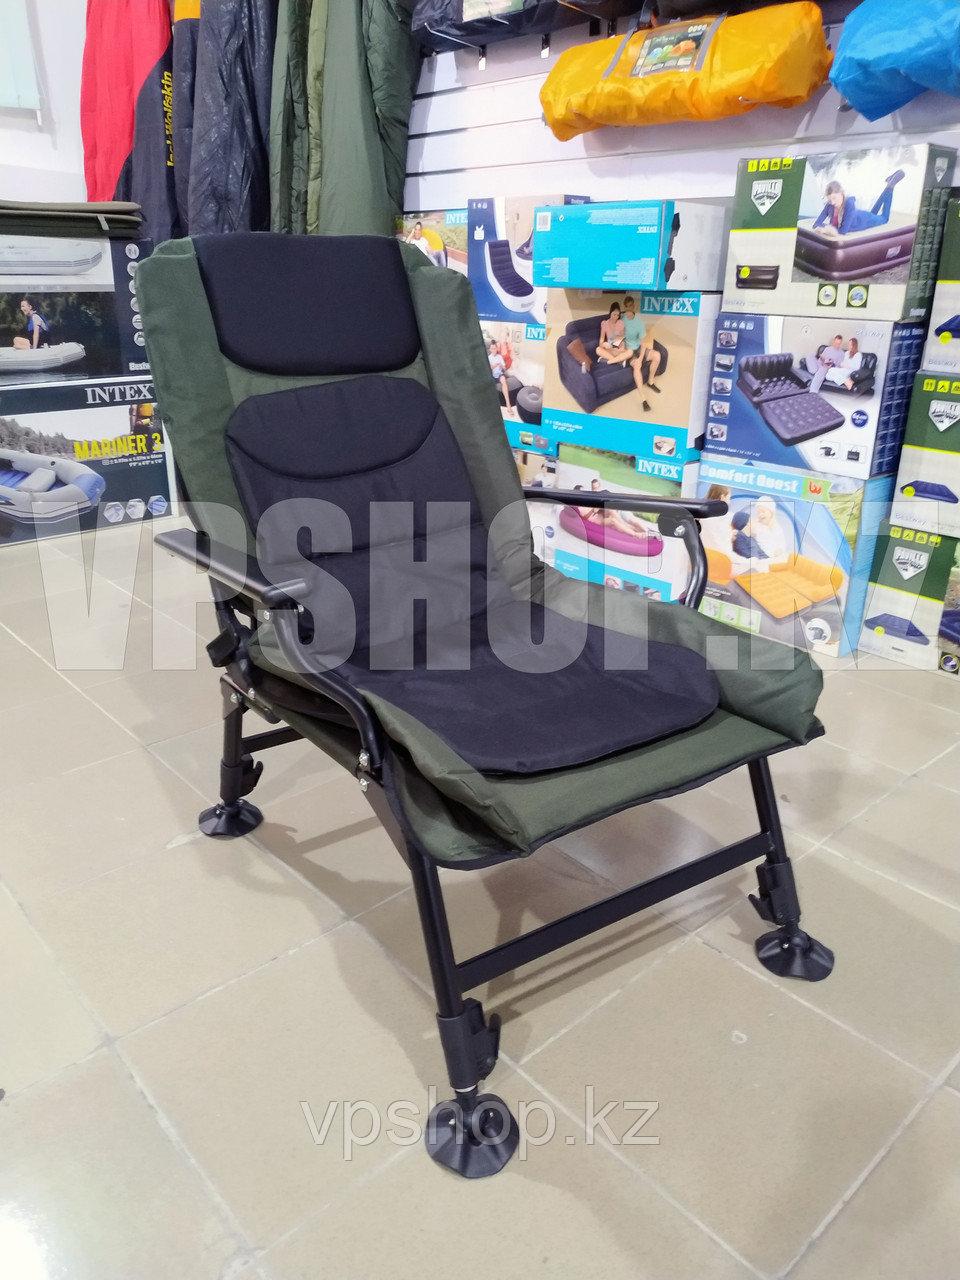 Усиленный складной стул туристический с регулировкой высоты, для рыбалки для похода для охоты, доставка